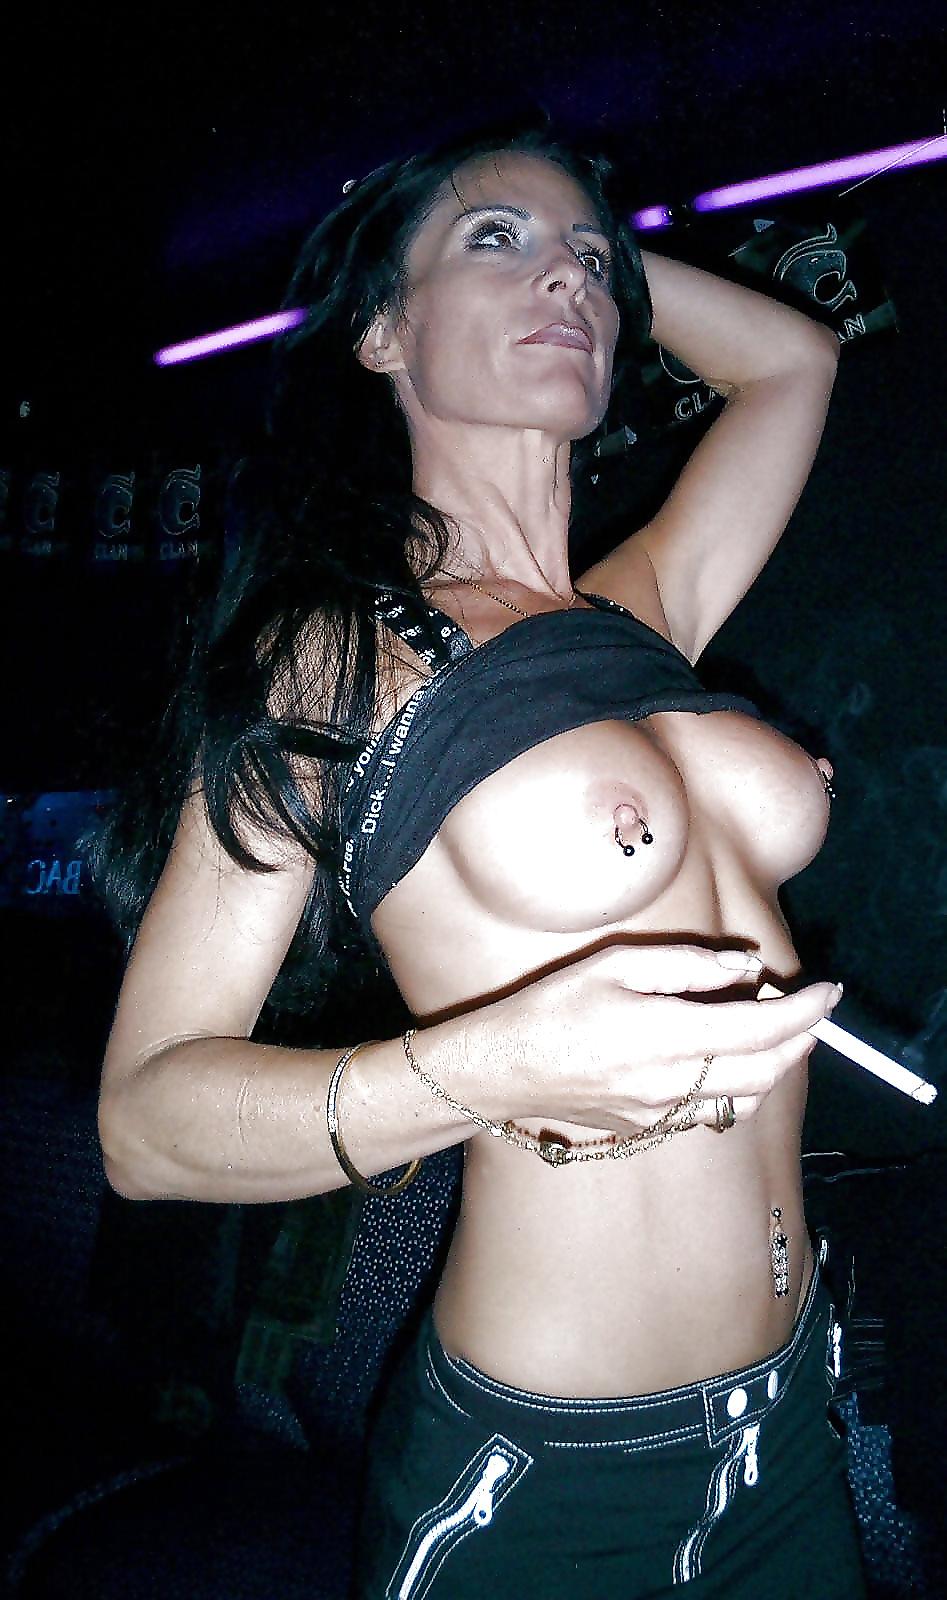 Fotos de mujeres sexy fumando 6